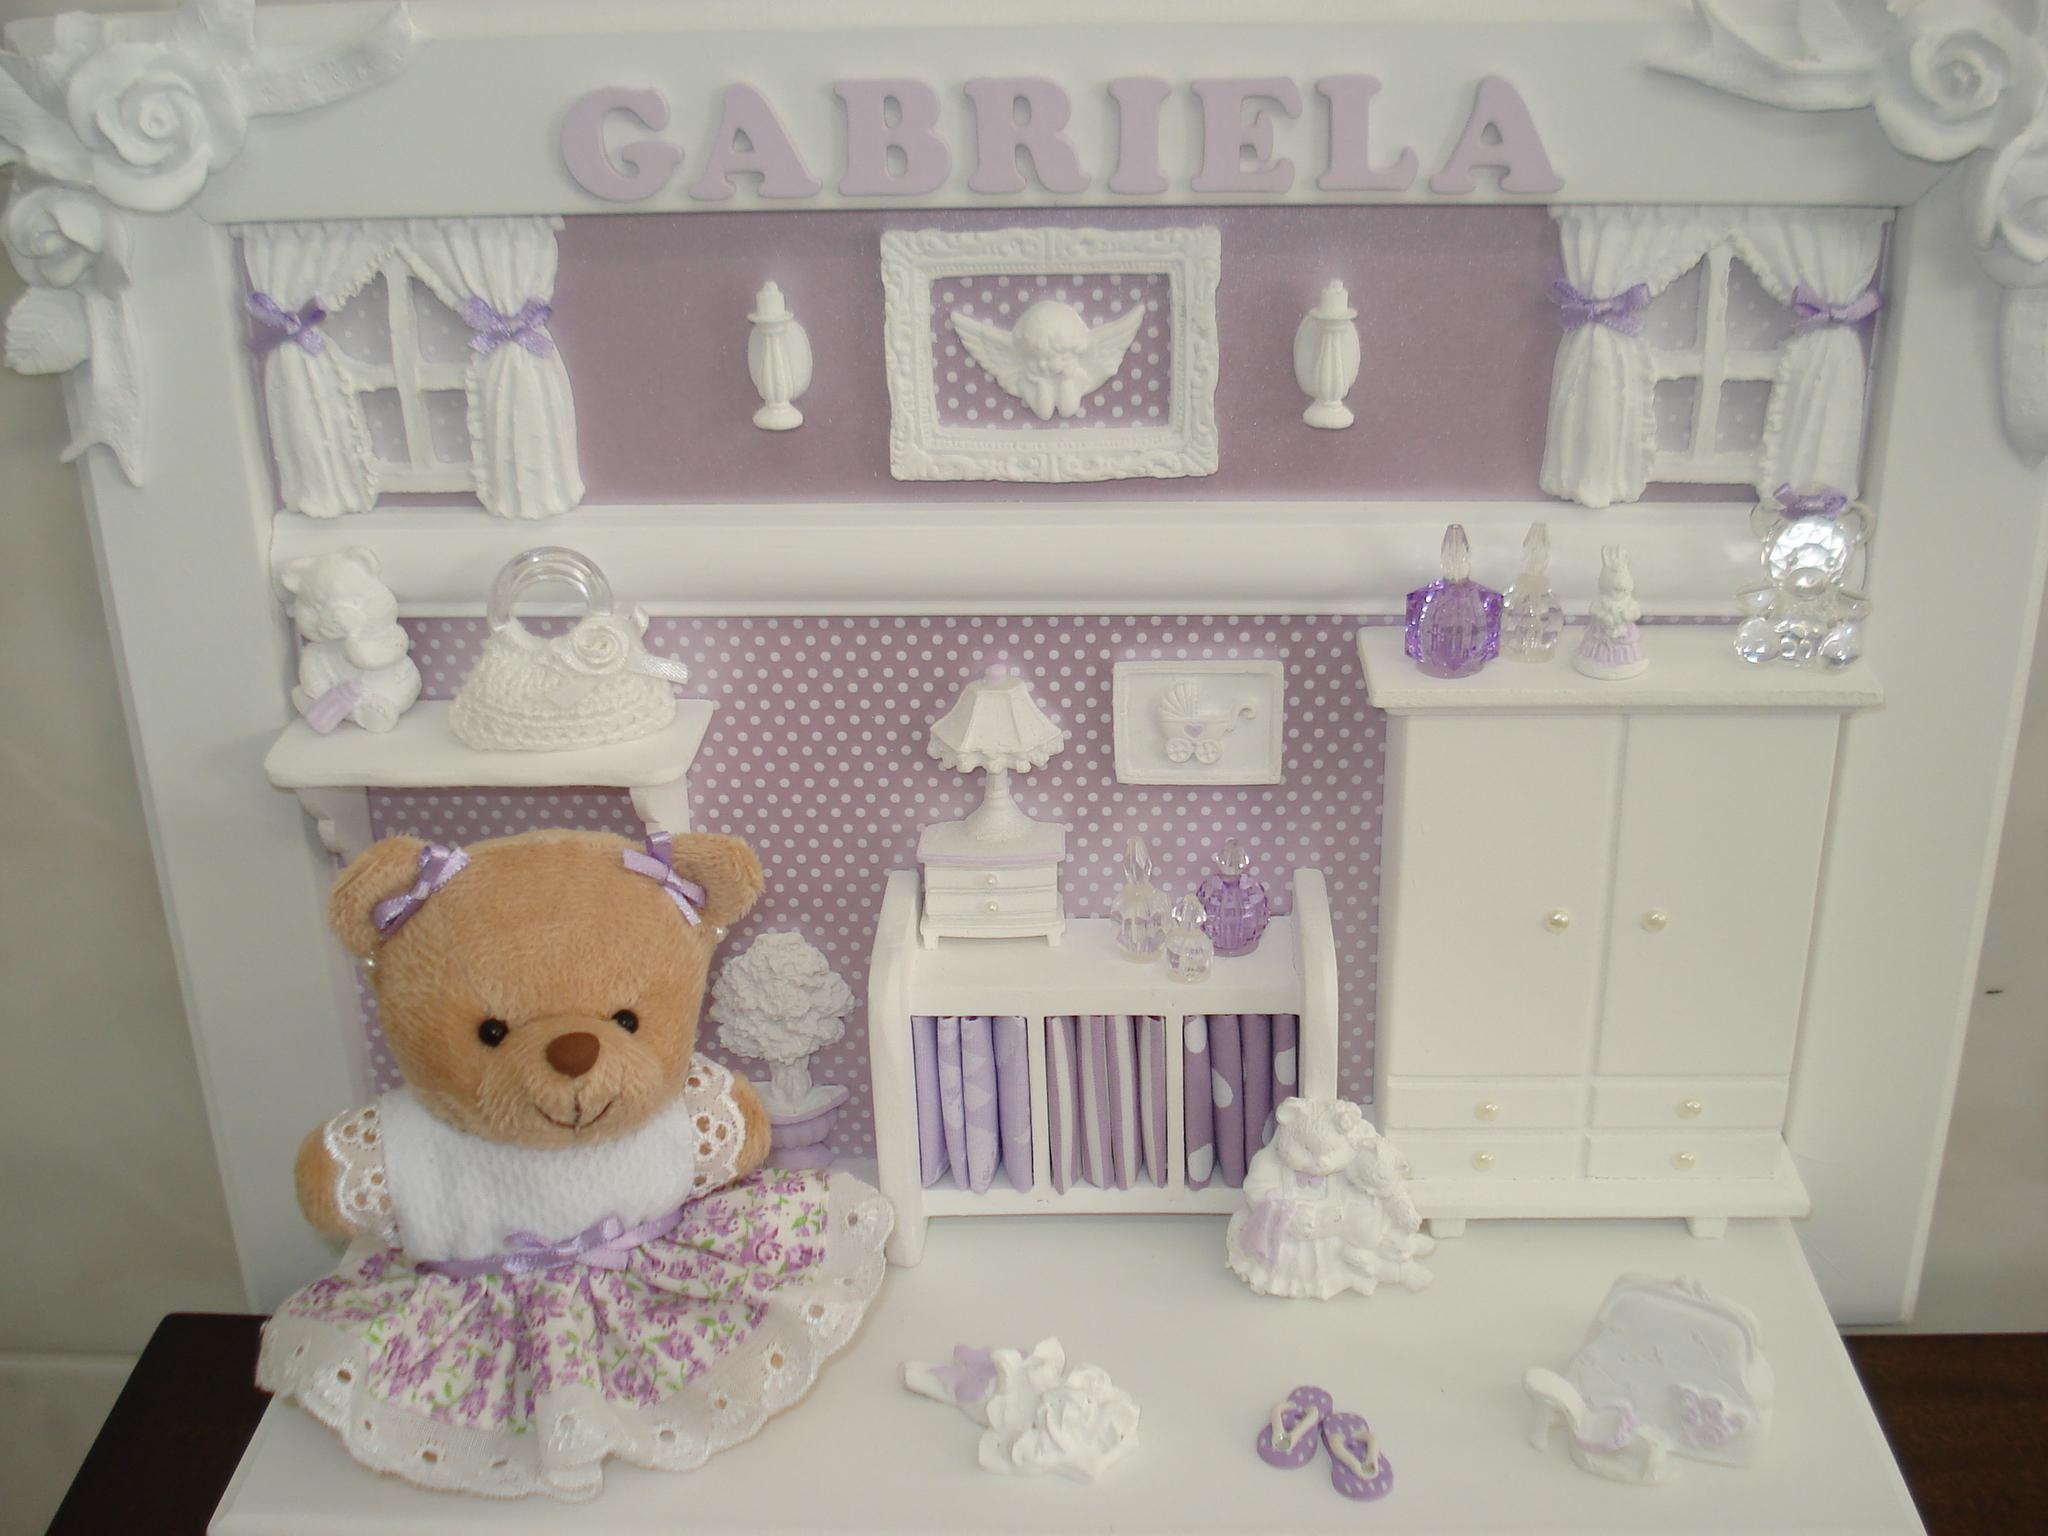 maternidade decoracao de quarto infantil decoracao de quarto infantil